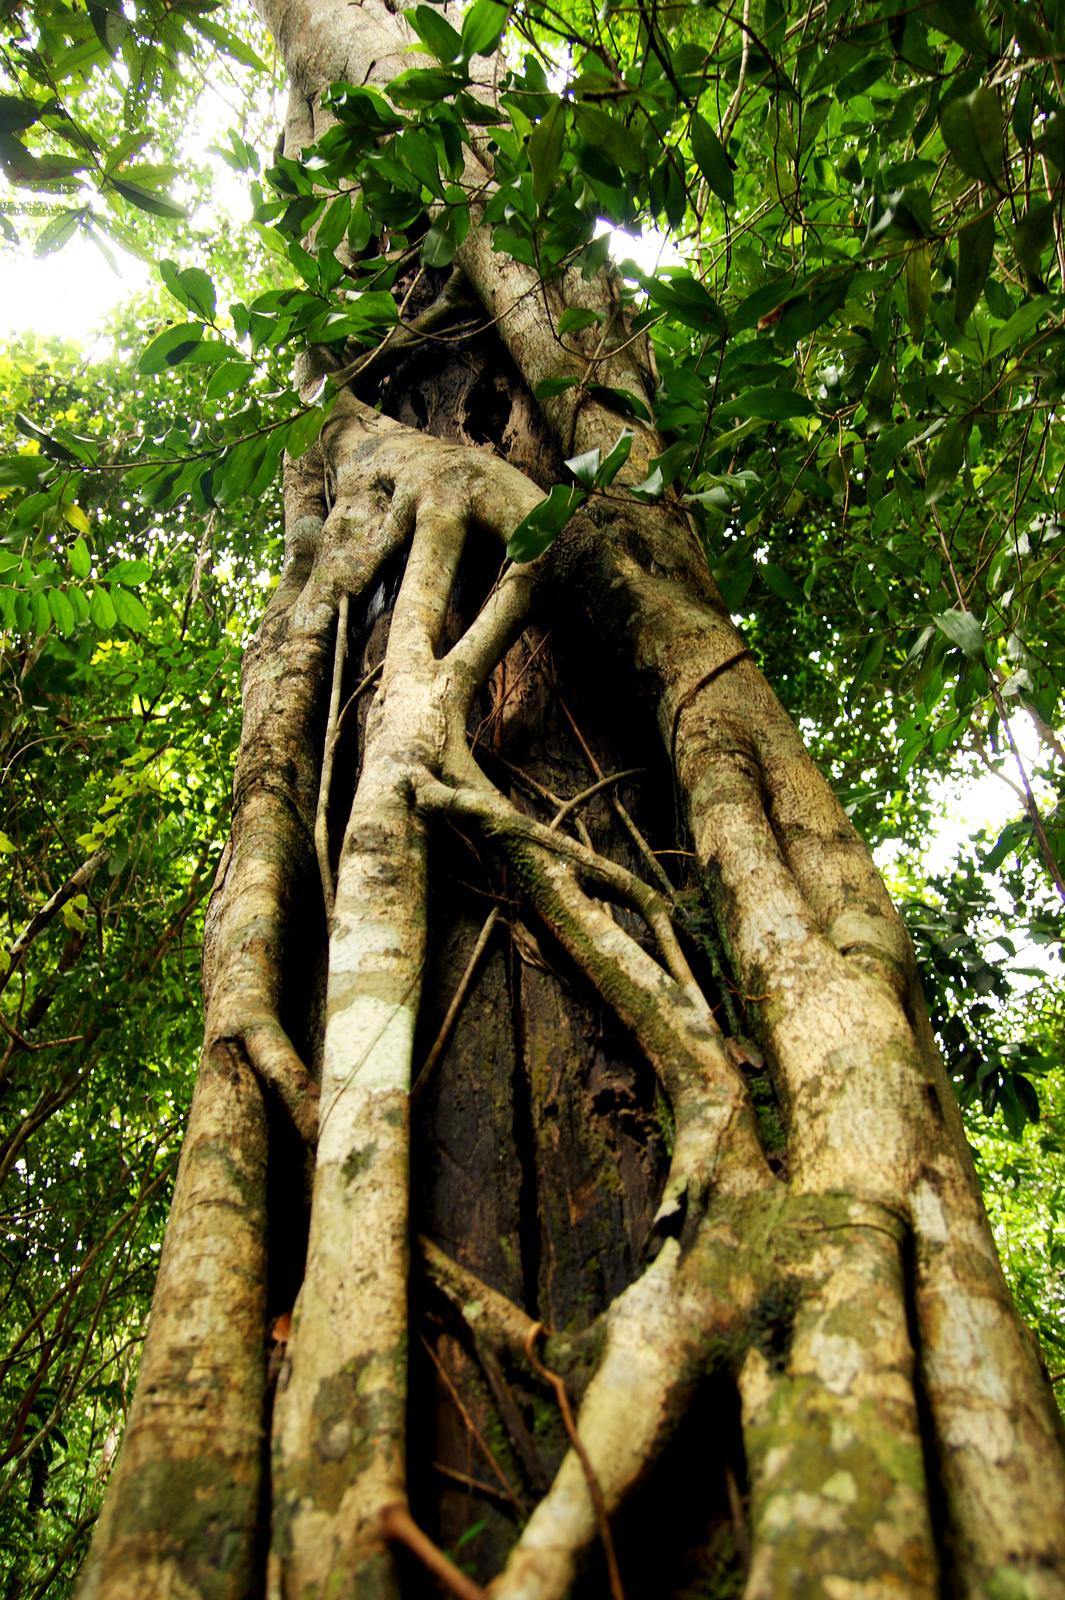 Fotografia przedstawia wzbliżeniu pień drzewa, opleciony grubymi, jasno brązowymi lianami. Wyżej znajdują się liście.